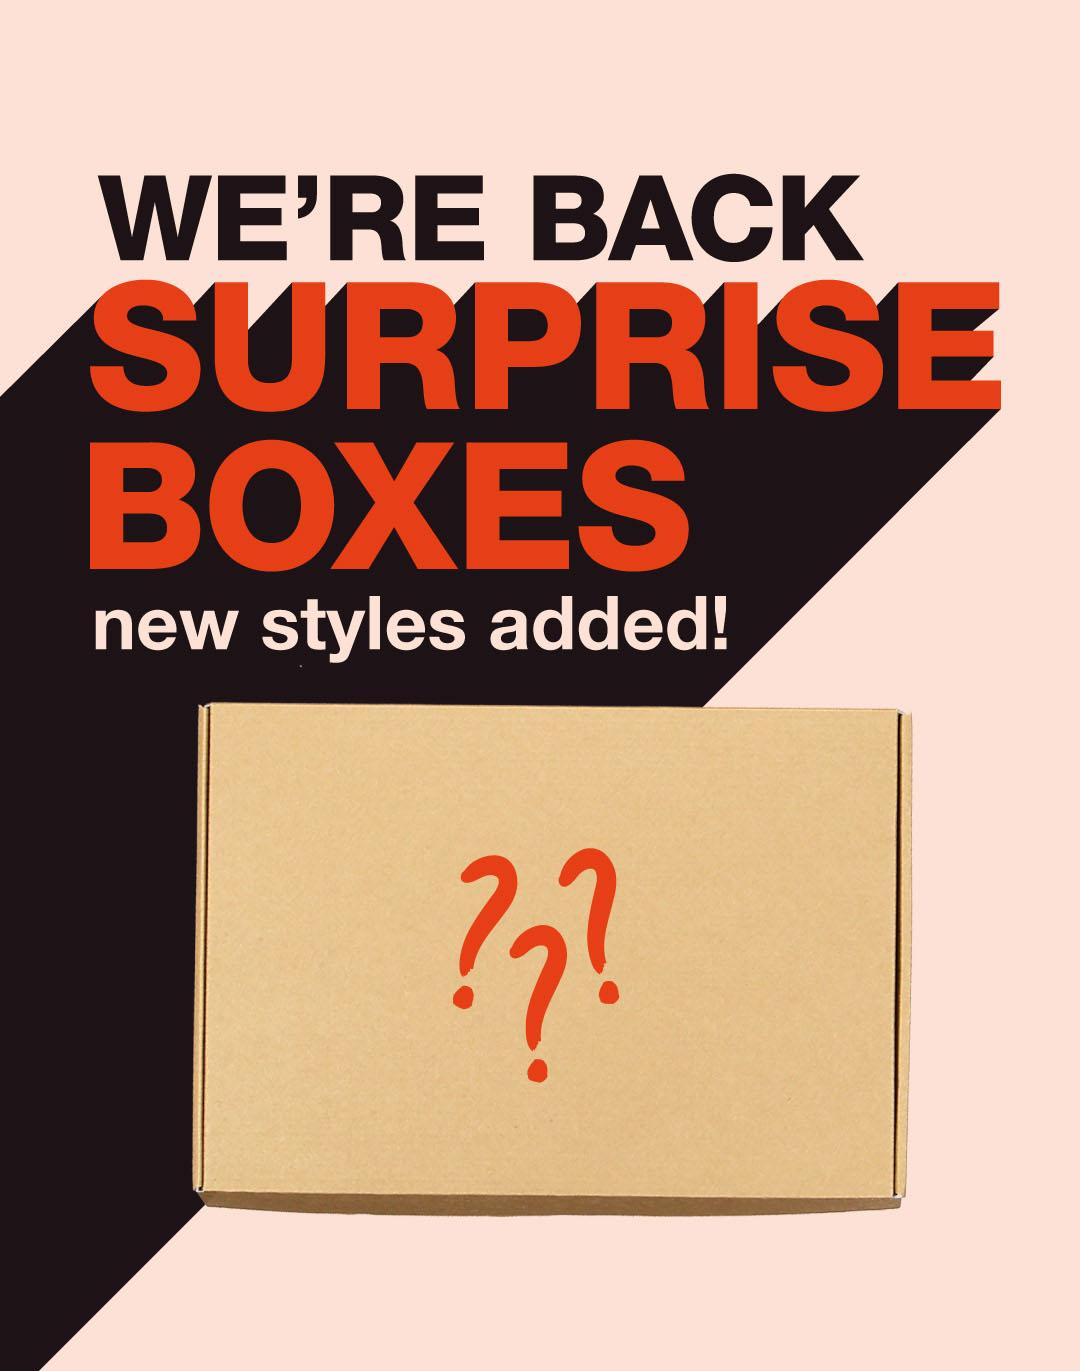 Surprise Boxes - WE'RE BACK!